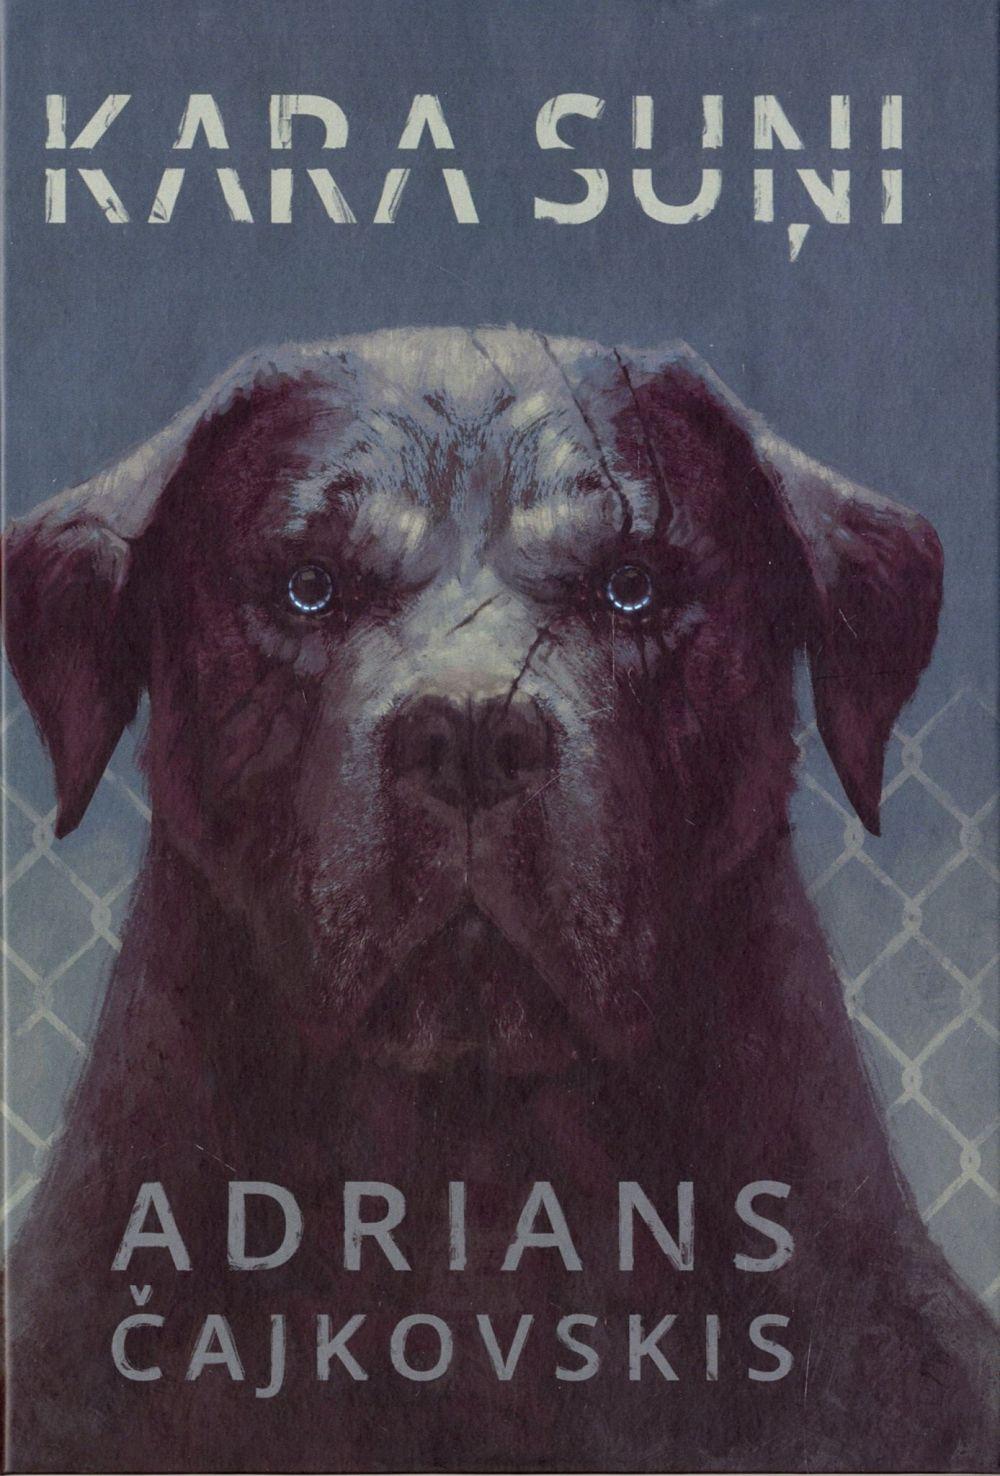 Ilustrācija grāmatai Kara suņi